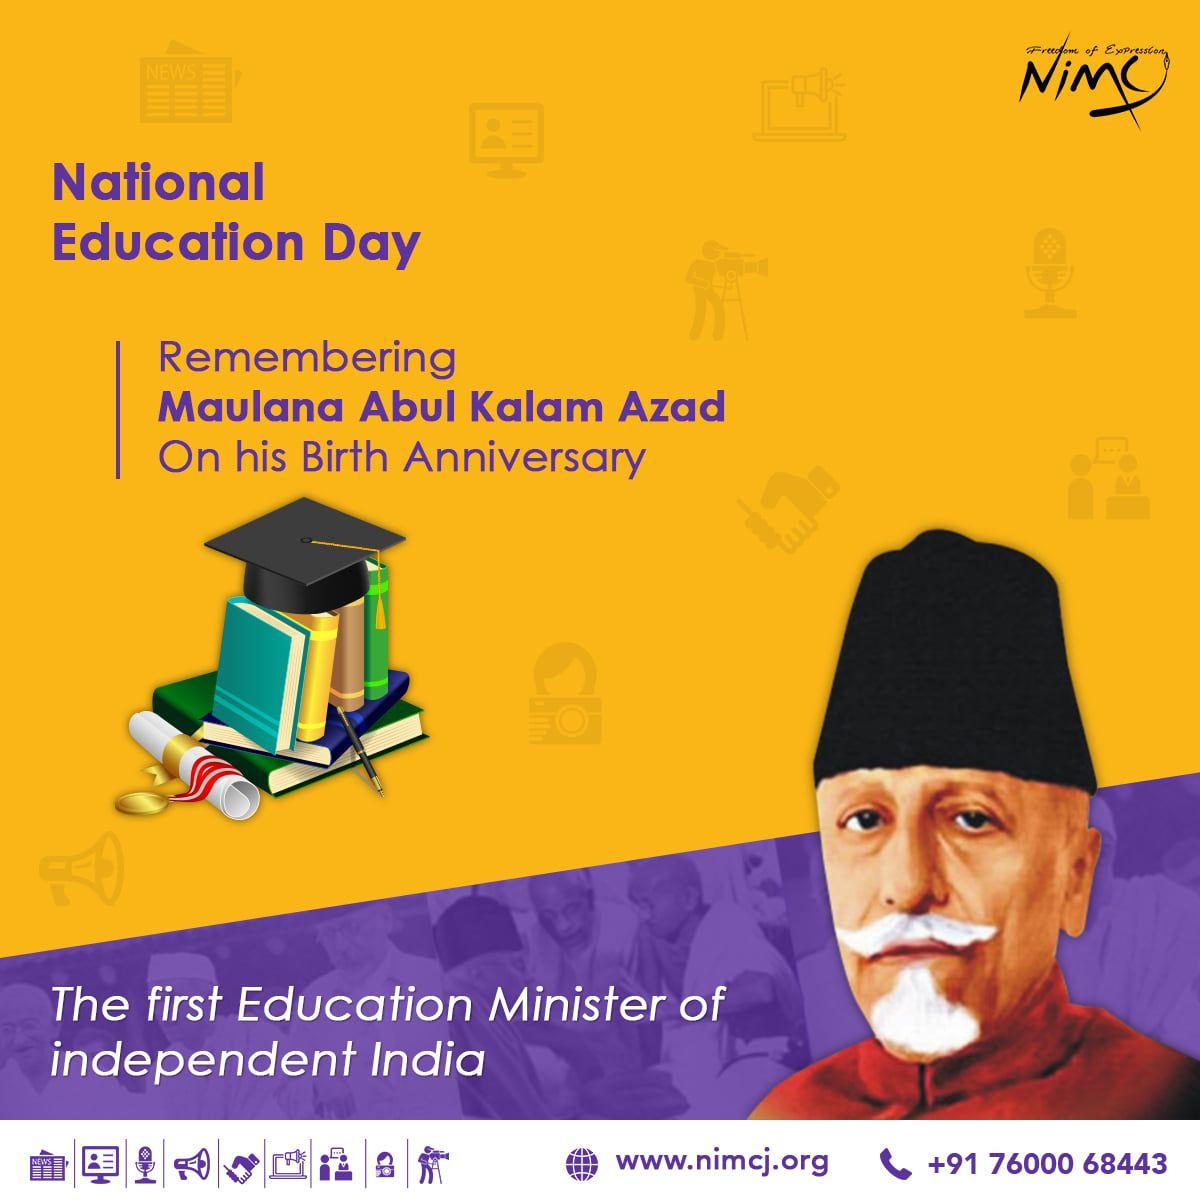 Maulana Abul Kalam Azad Education day, Education, India